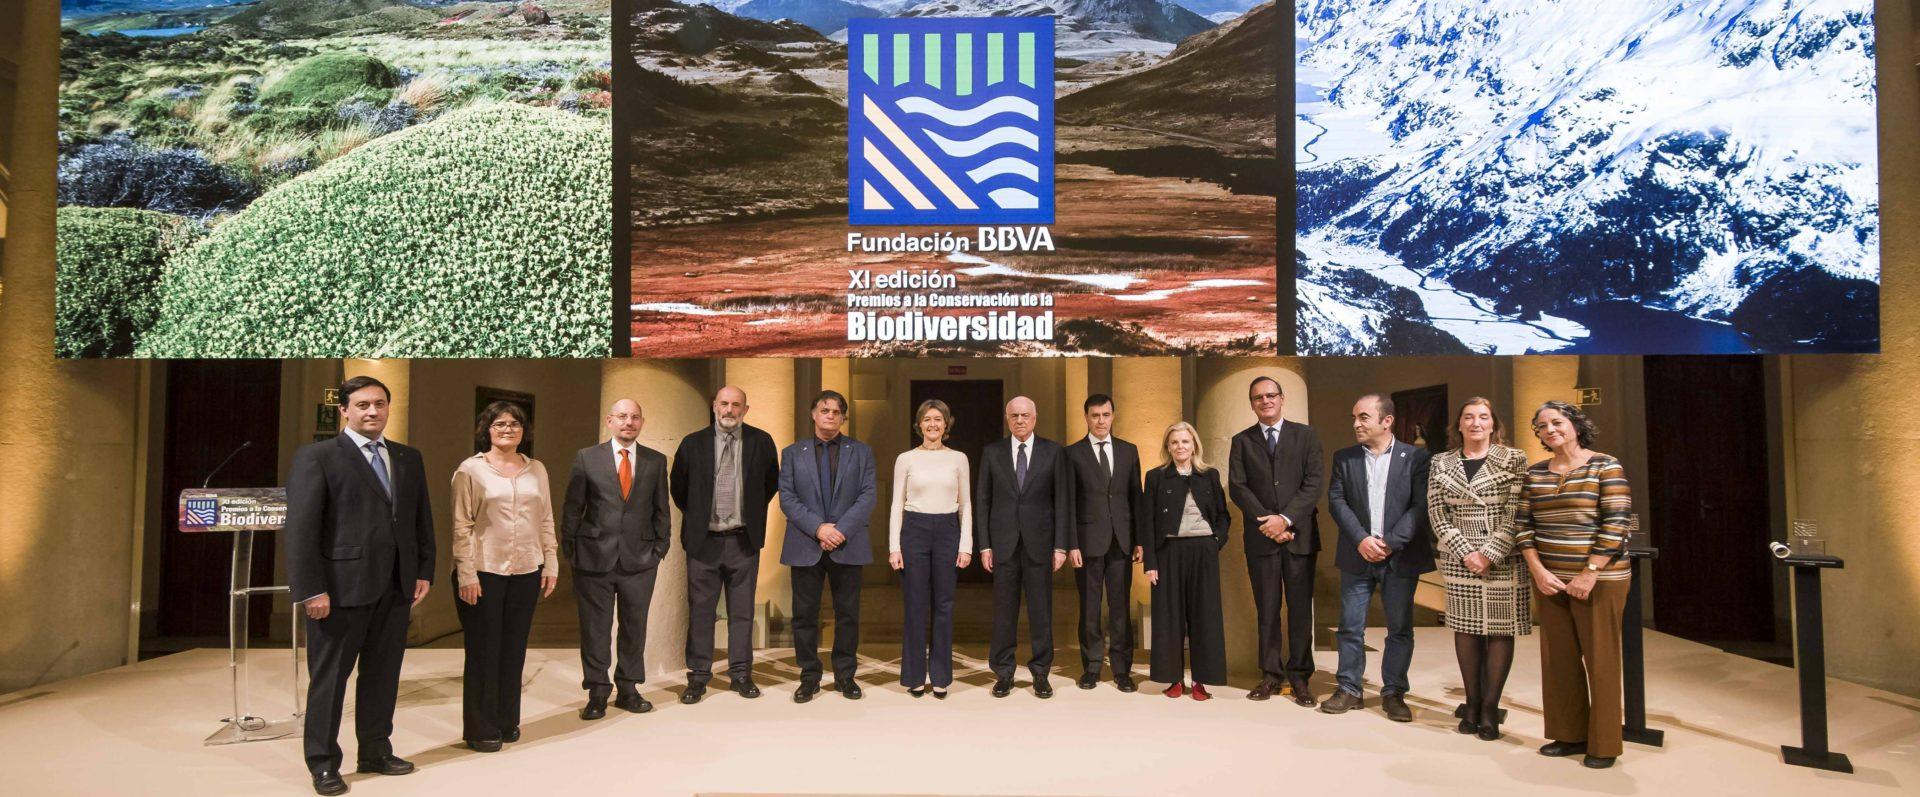 Imagen de Francisco González, presidente de BBVA, e Isabel García Tejerina, ministra de Agricultura y Pesca, Alimentación y Medio Ambiente, con los galardonados en los Premios Fundación BBVA a la Conservación de la Biodiversidad